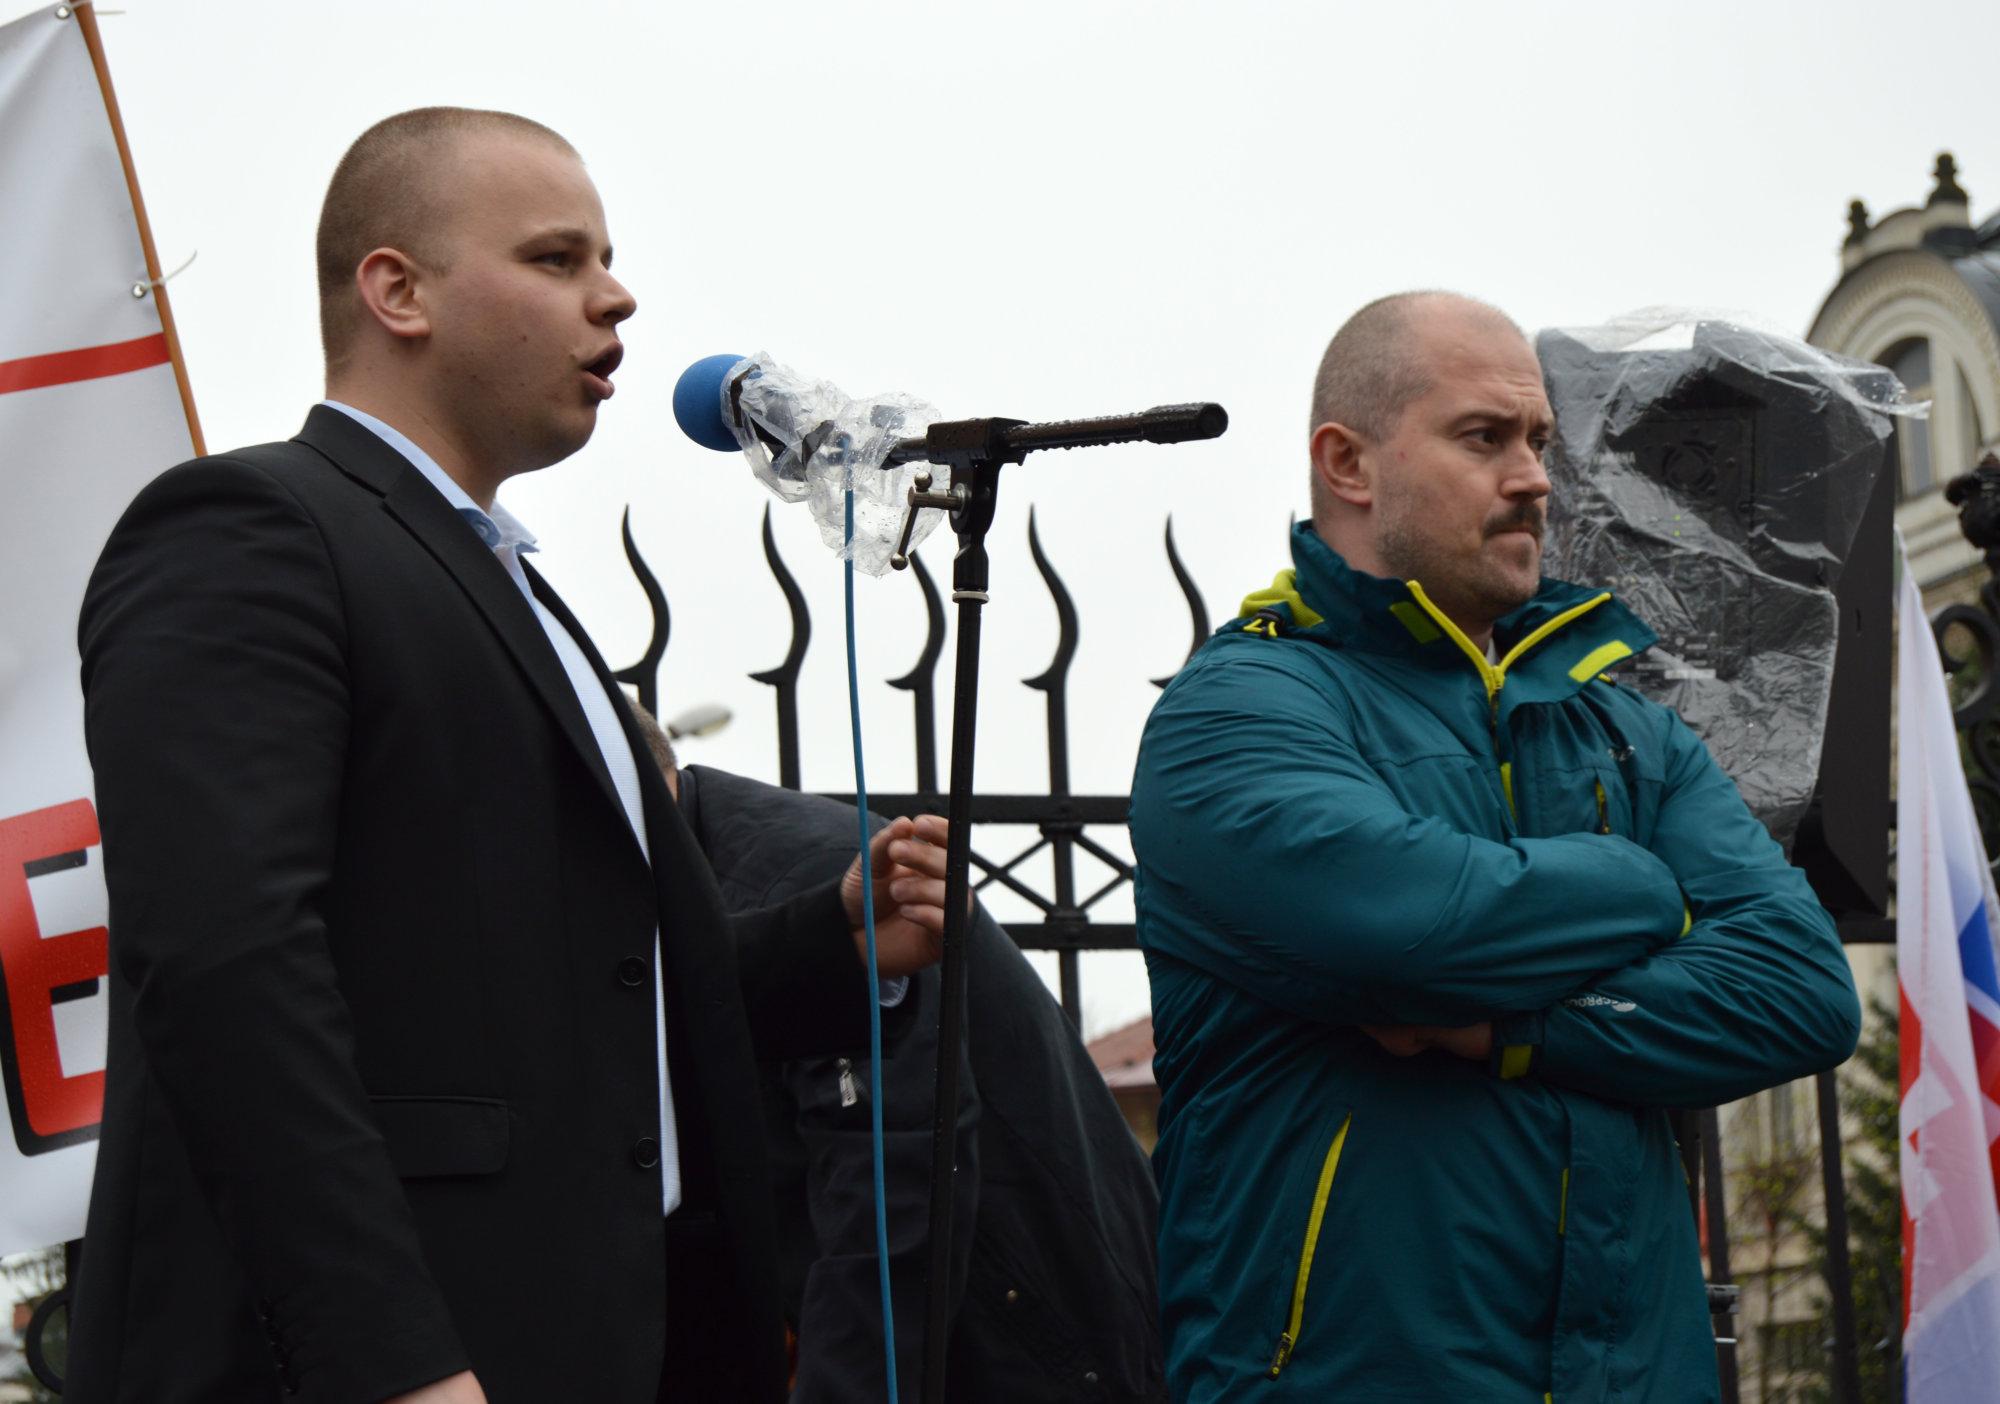 Mazurek je vinný, rozhodol súd. Kotlebovci odkázali, že raz príde proces s tými, čo ich odsúdili – Denník N